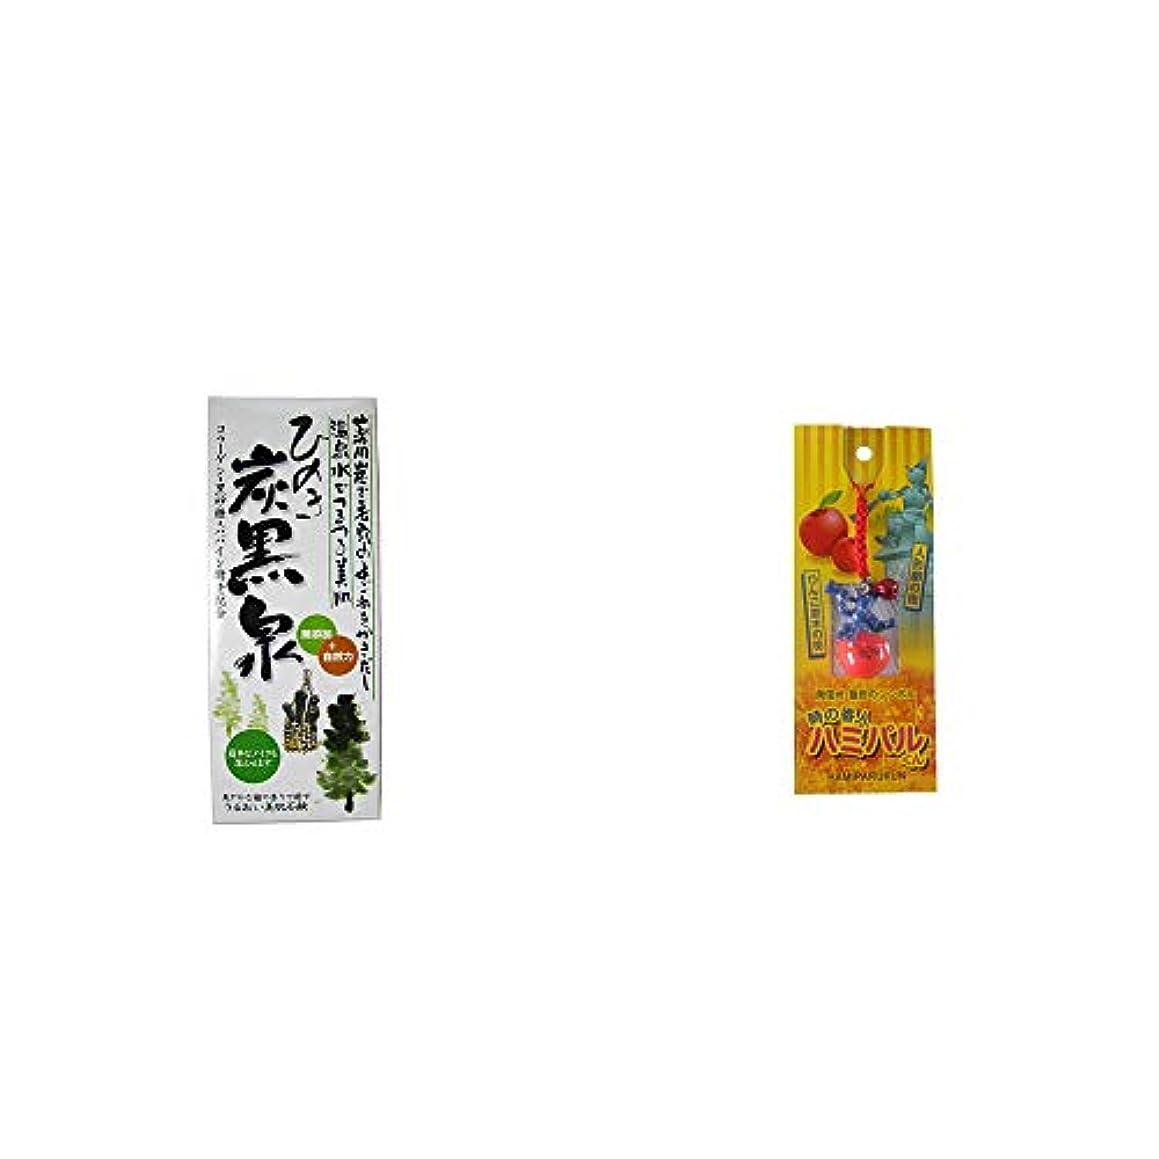 起こりやすい欠伸きれいに[2点セット] ひのき炭黒泉 箱入り(75g×3)?信州?飯田のシンボル 時の番人ハミパルくんストラップ